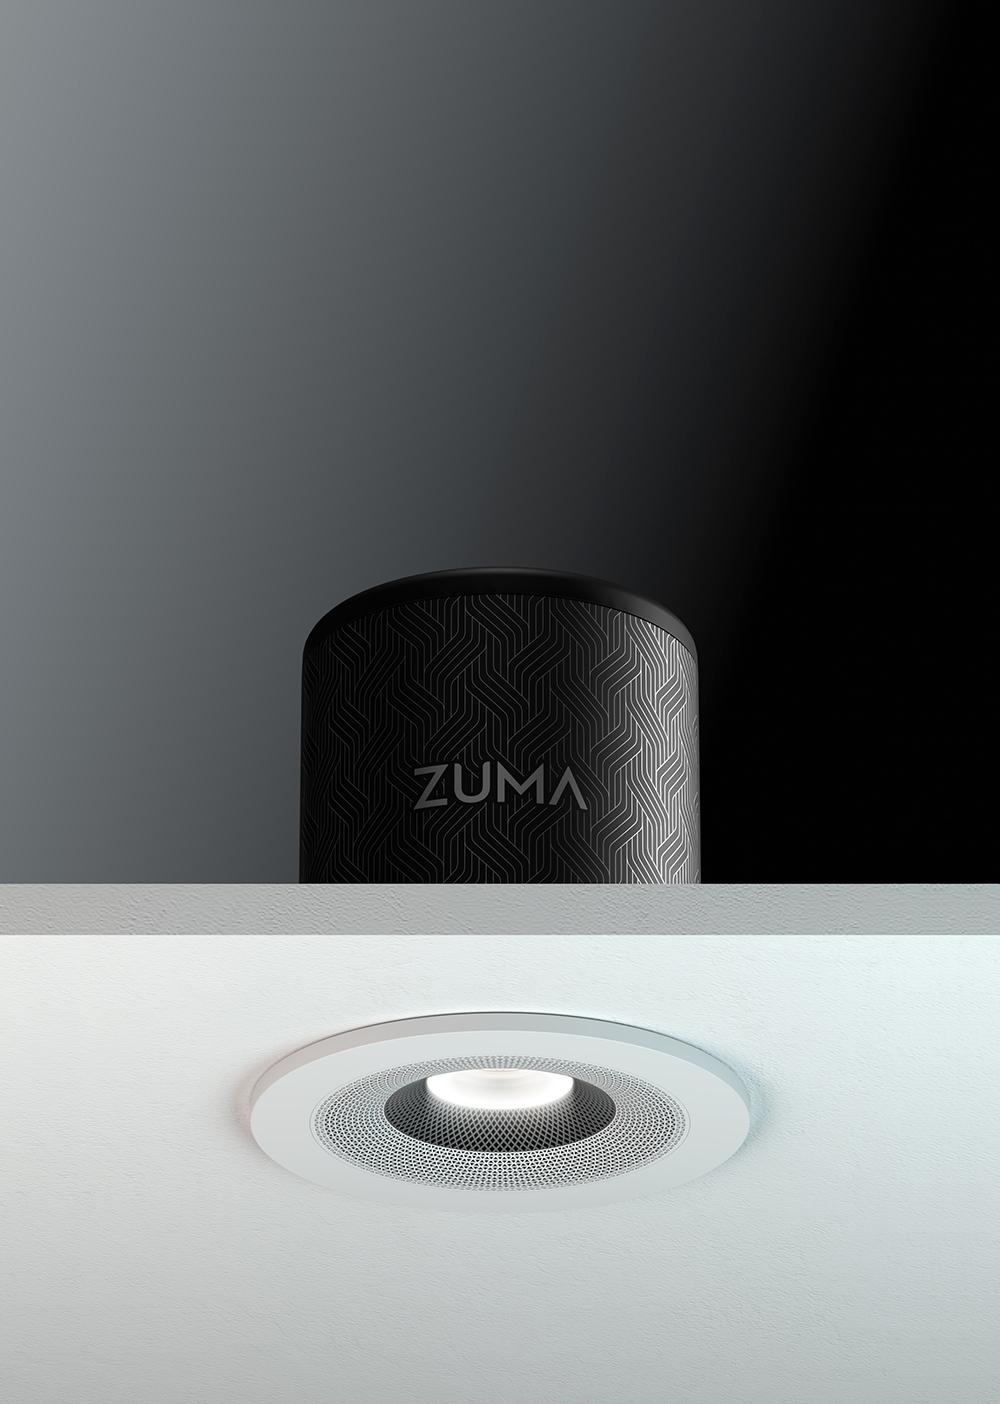 Zuma AI